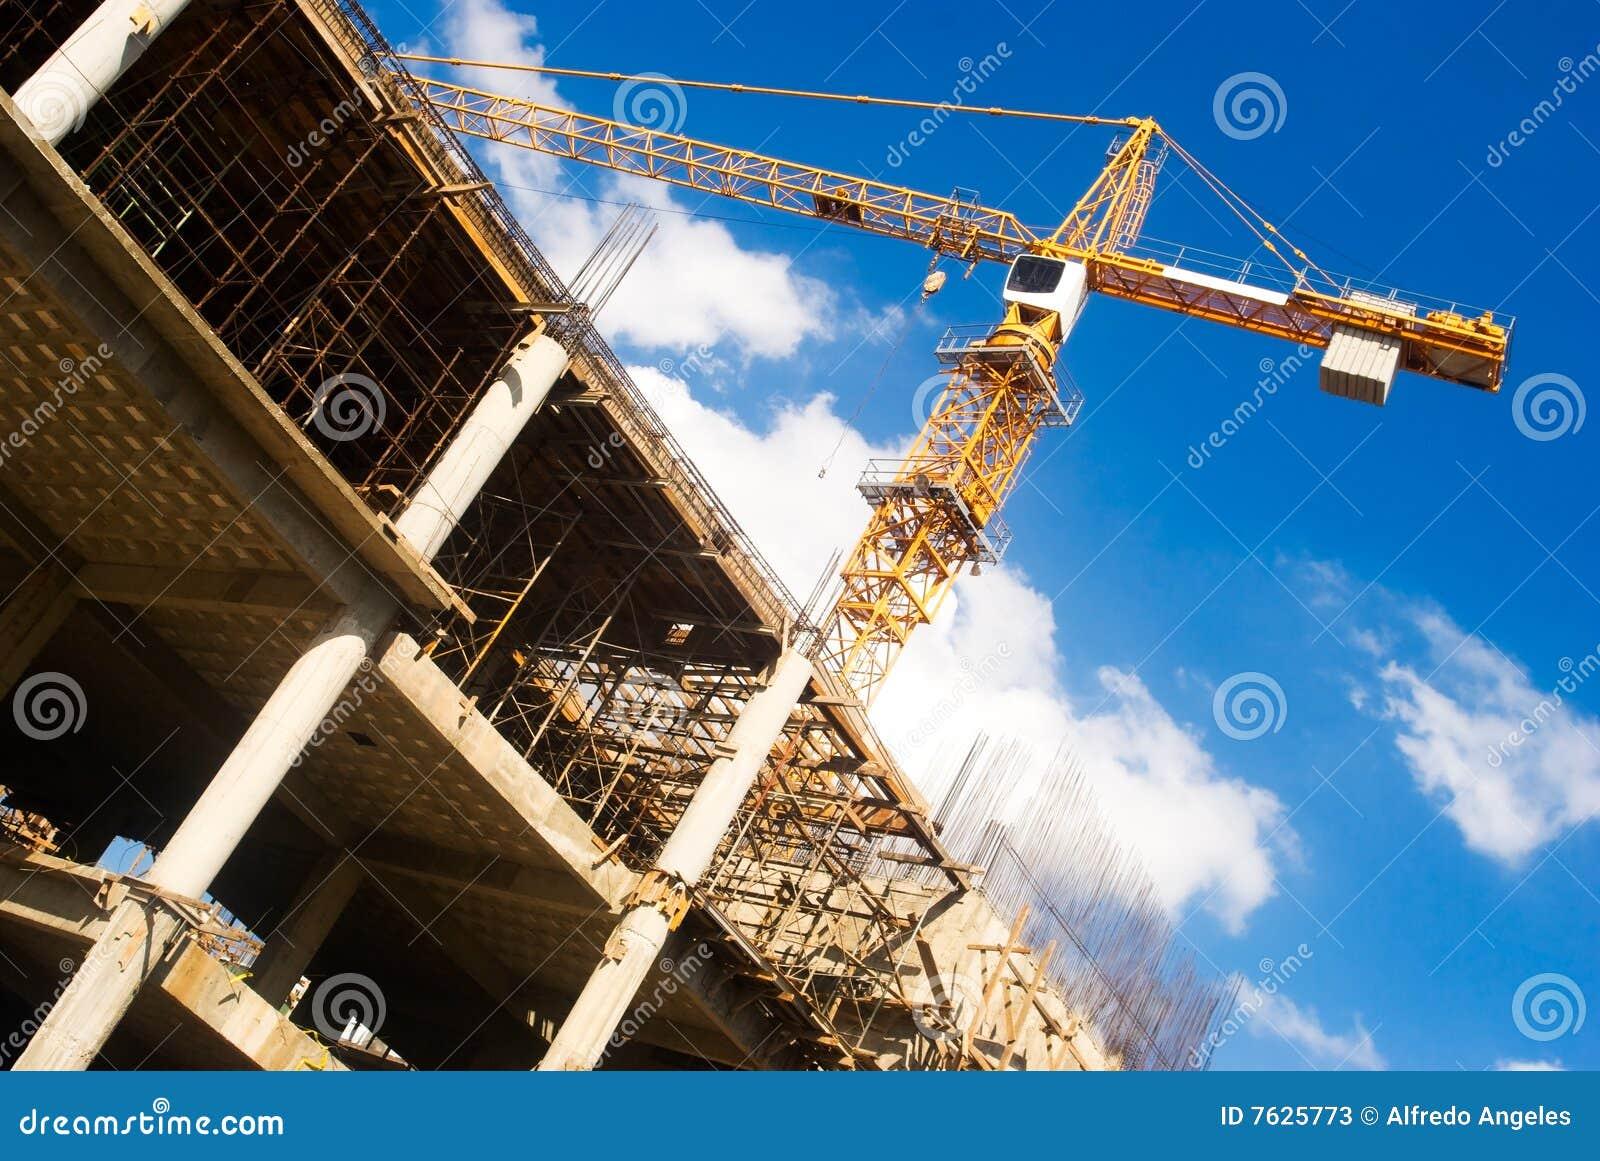 Grue dans une construction